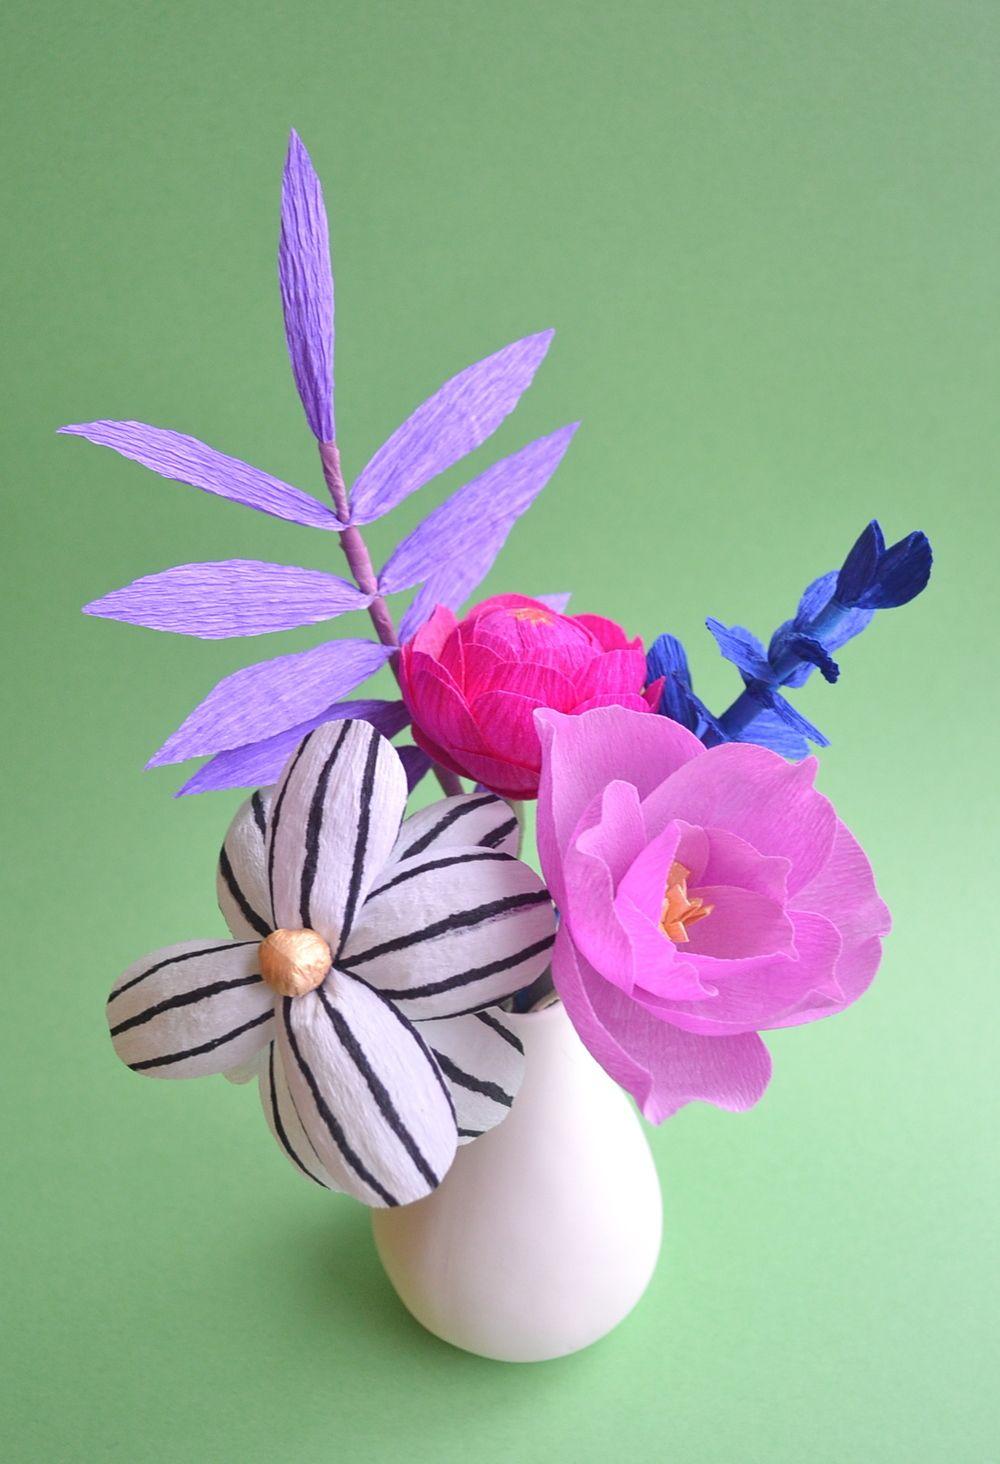 Handmade crepe paper flowers flowers paper pinterest crepe handmade crepe paper flowers mightylinksfo